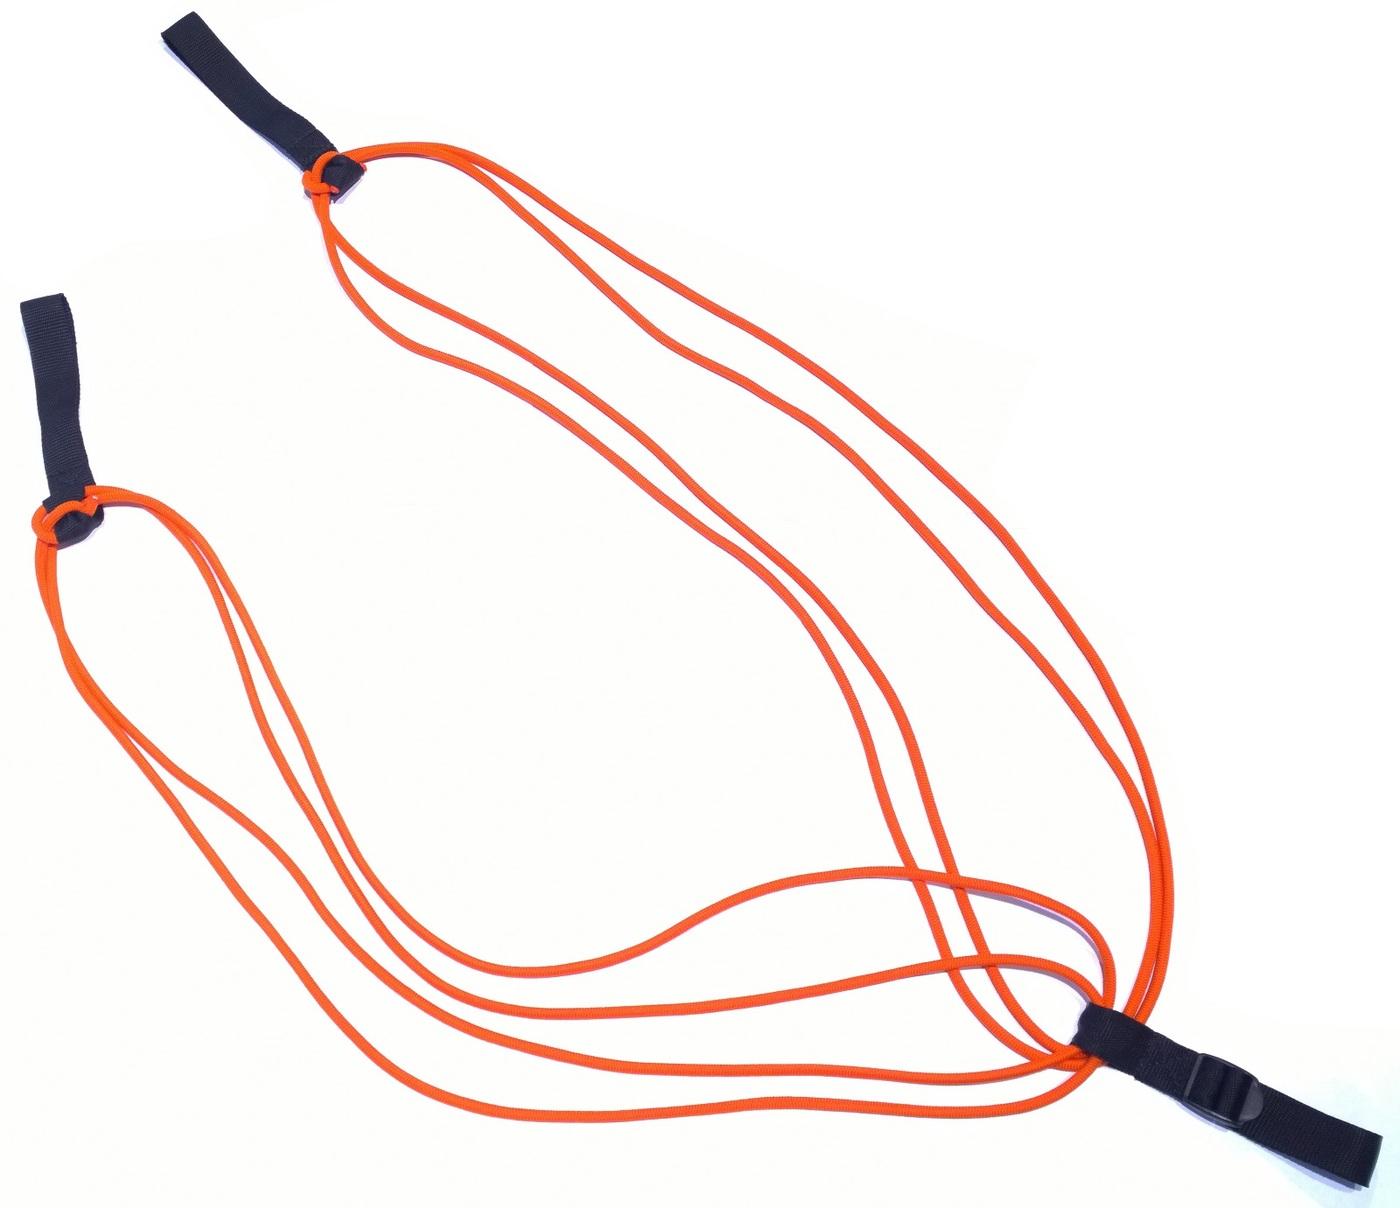 Упражнения с эспандером для женщин на ягодицы, трицепс, для спины, пресса, рук, по бубновскому, «лыжника», «восьмерка» в домашних условиях